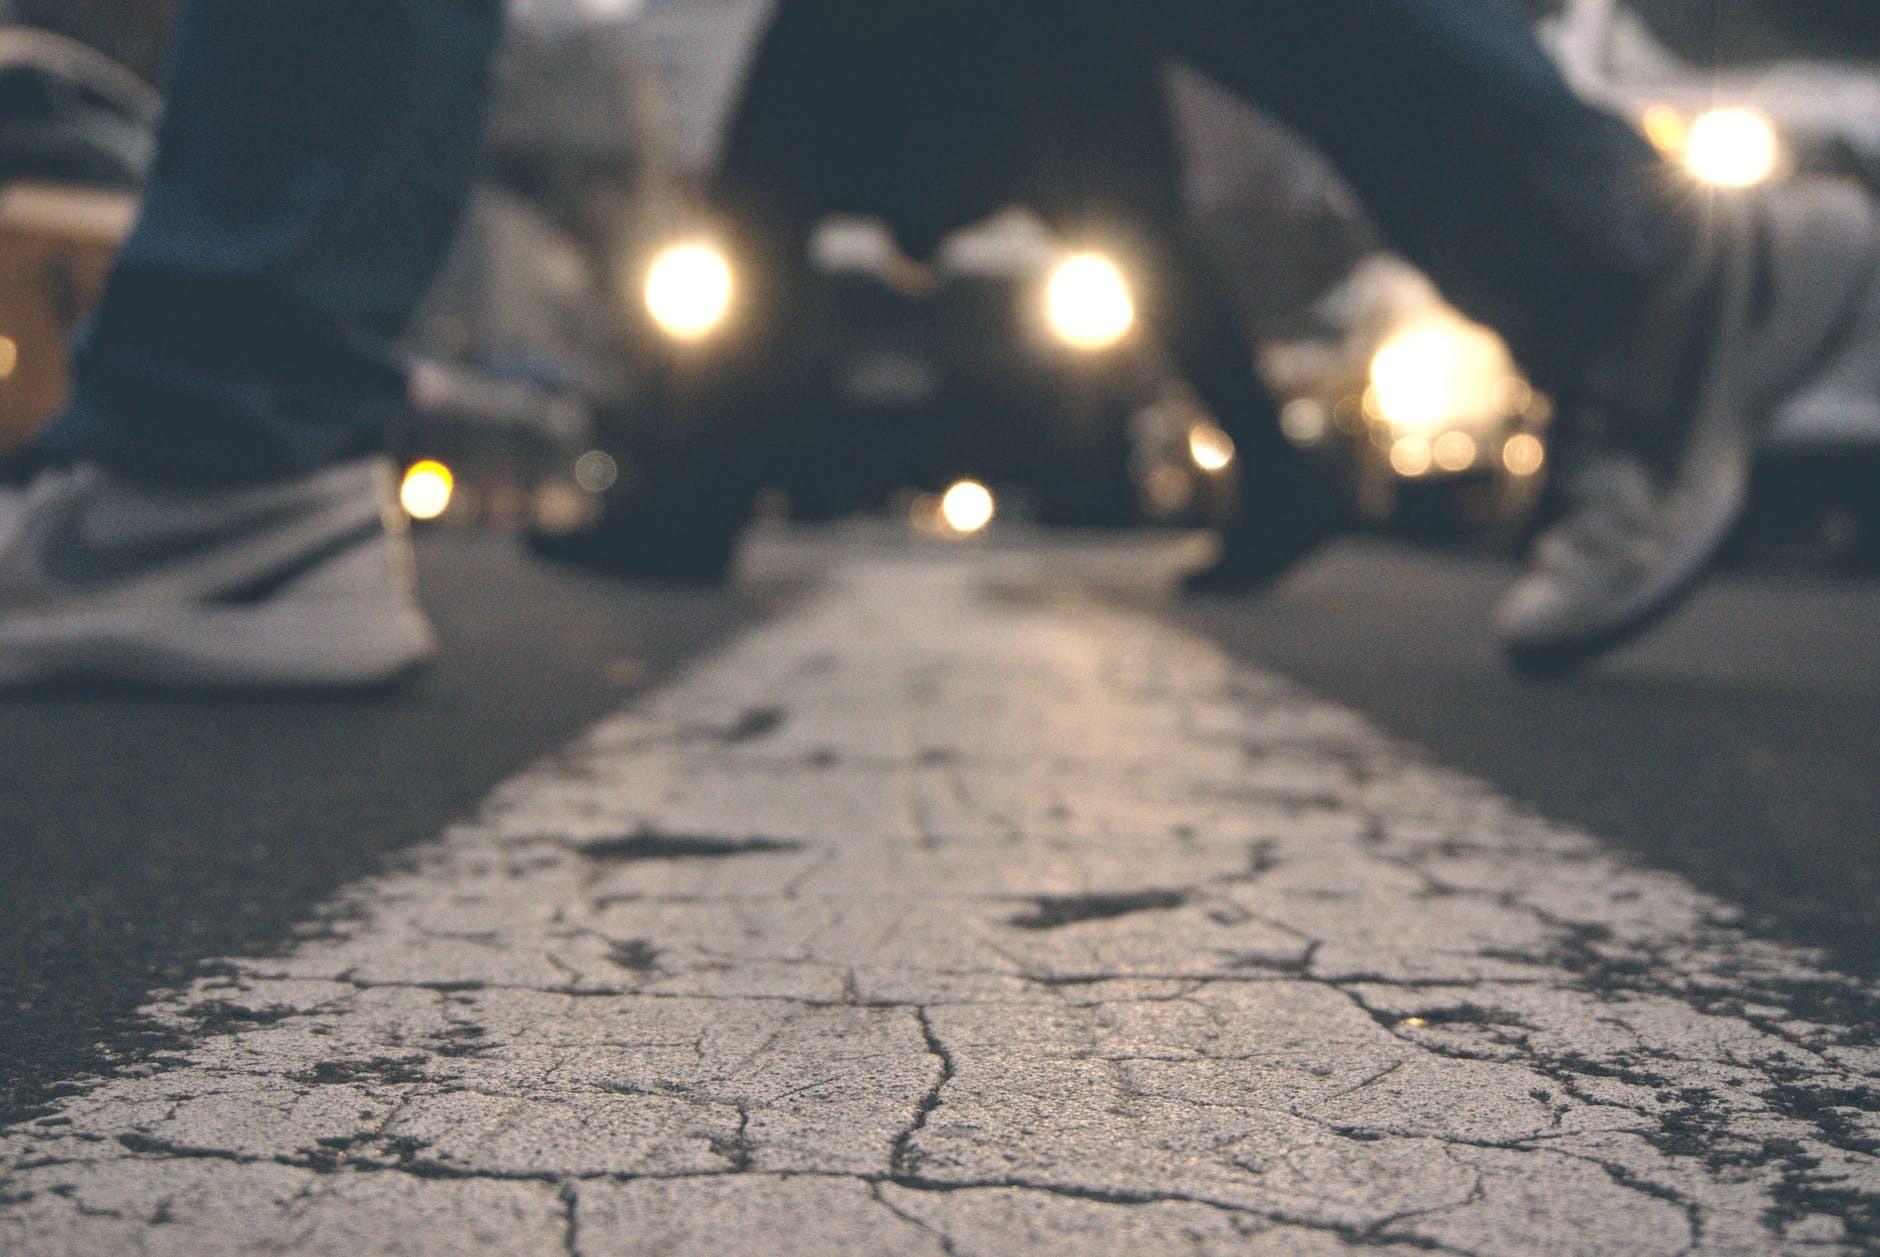 ДТП с Зайцевой: что изменилось на дорогах за полгода